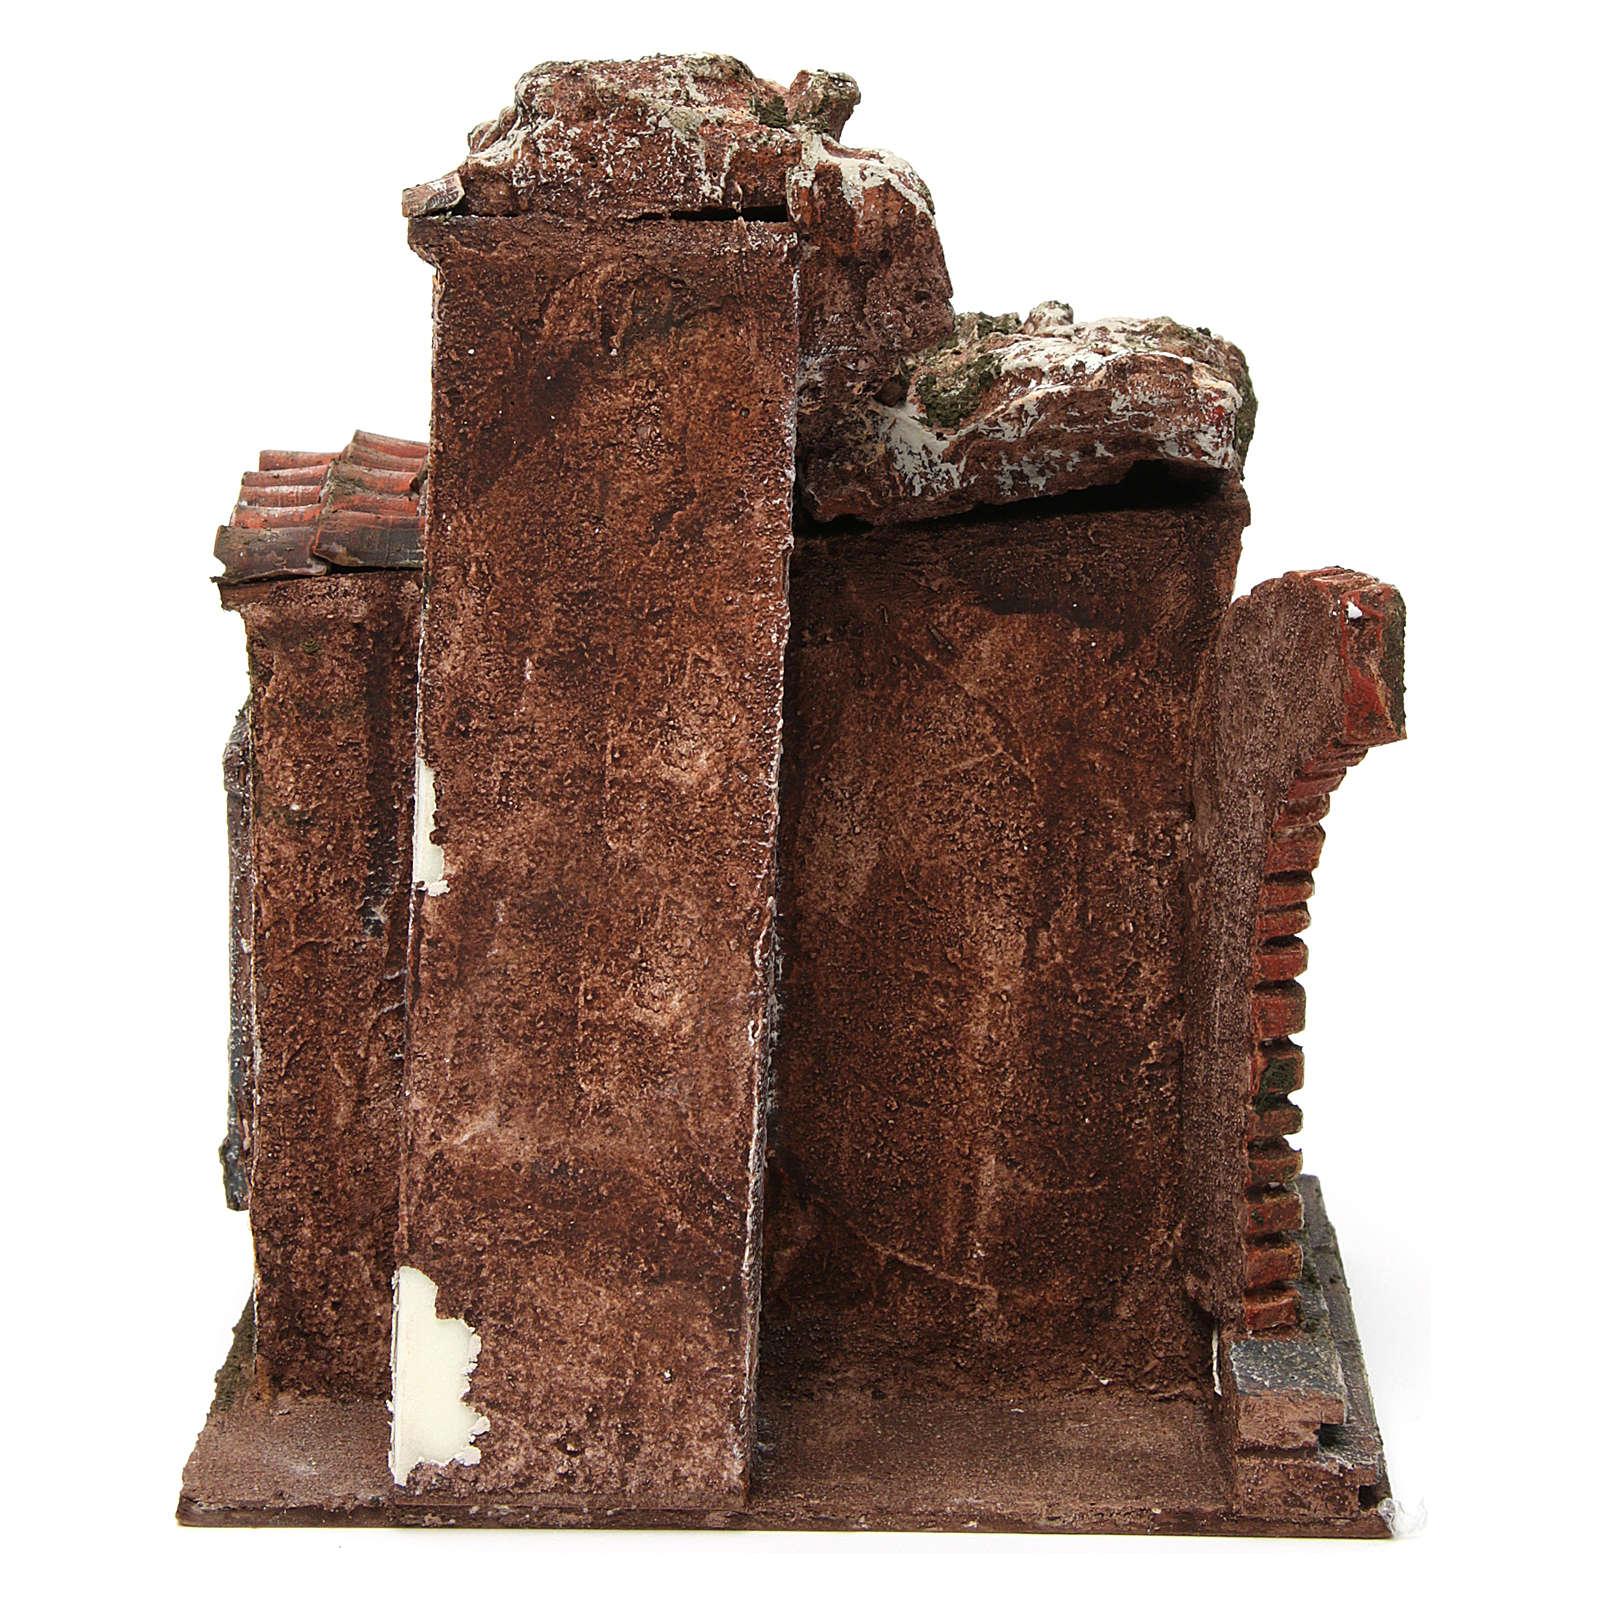 Loja do ferreiro ambientação presépio com figuras altura média 10 cm 4